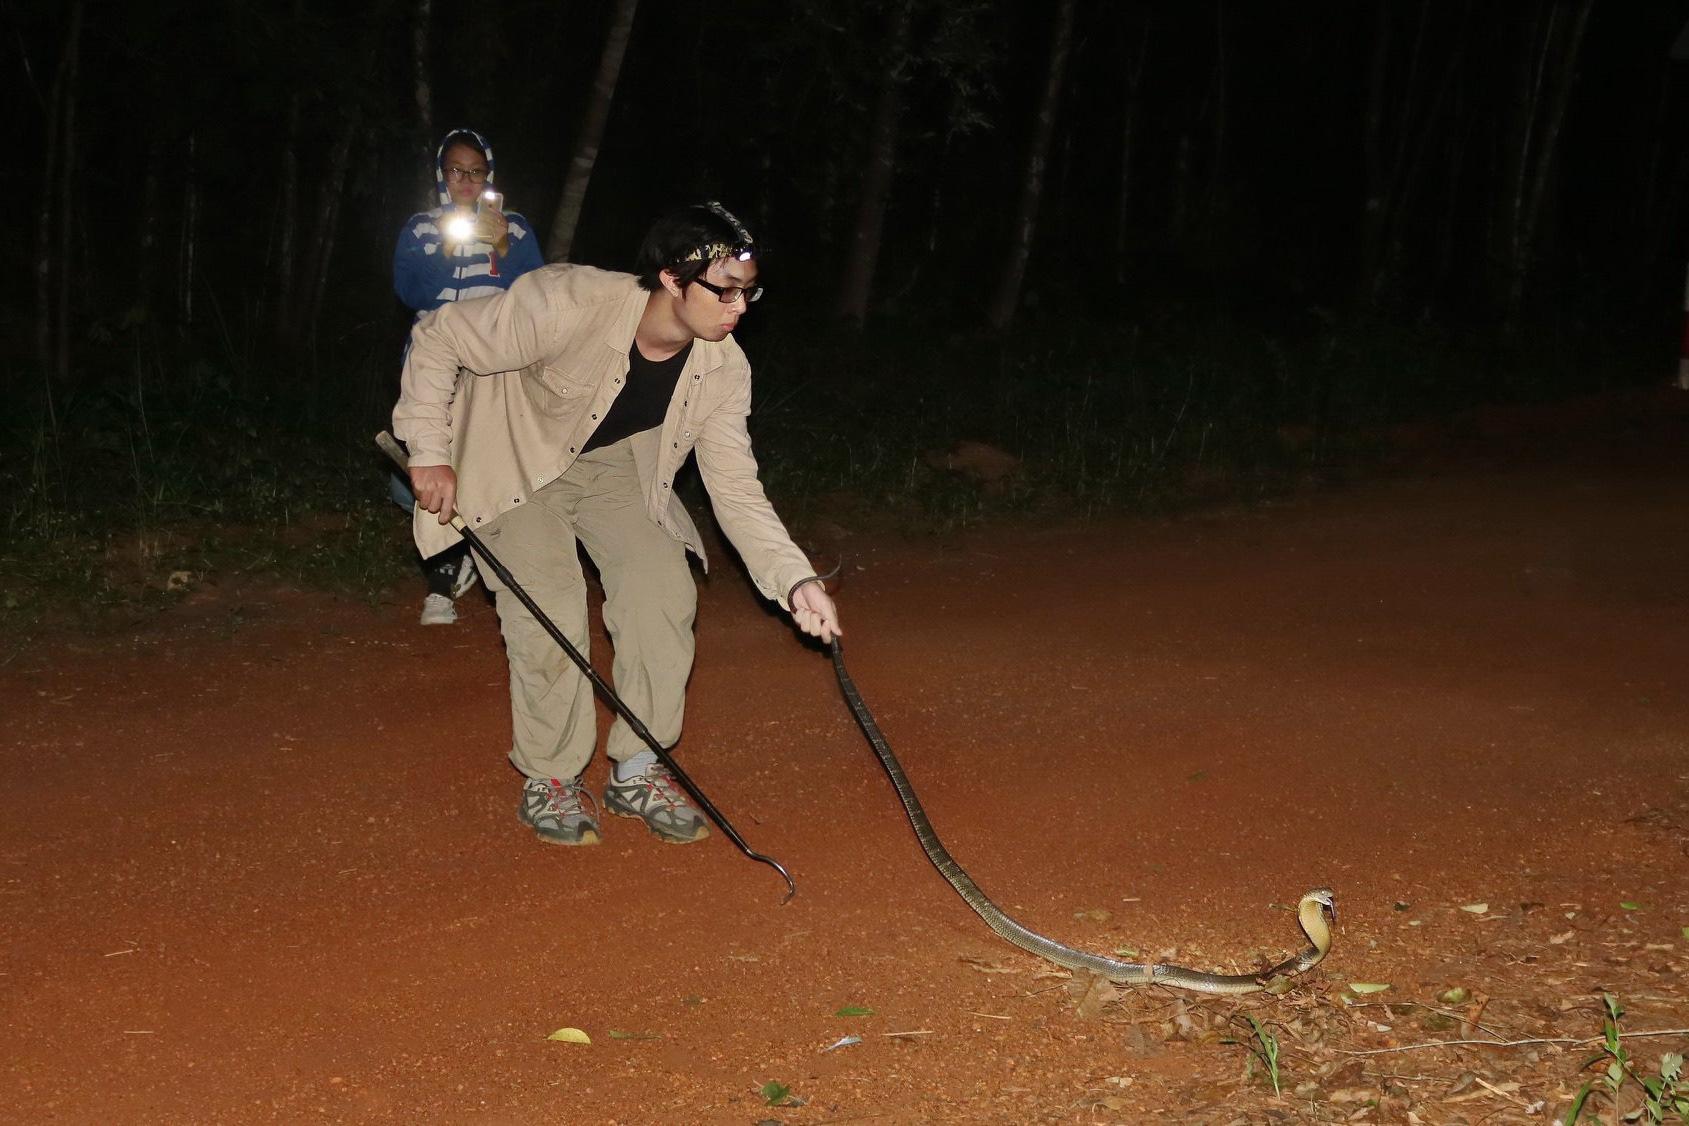 Đằng sau trào lưu nuôi thú cưng là loài hoang dã, có độc - Ảnh 3.